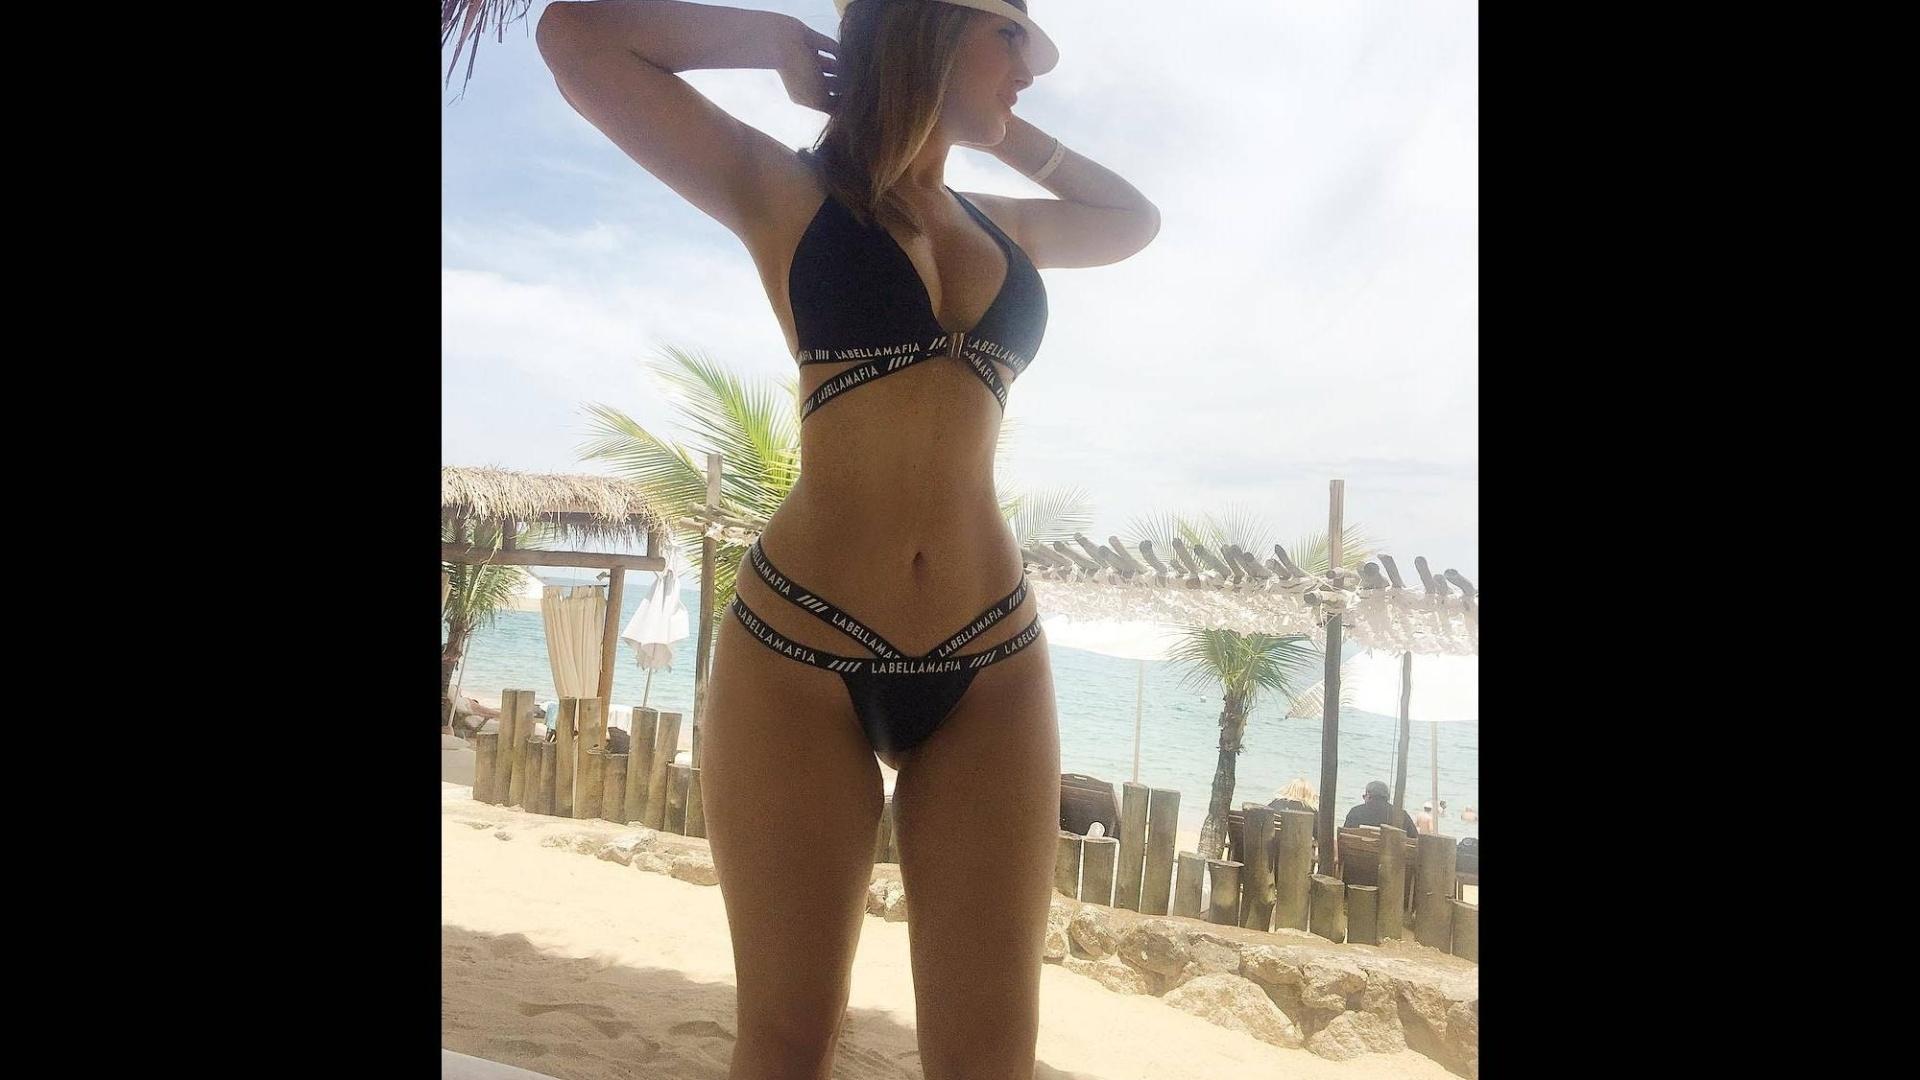 27.dez.2016 - Francine Piaia exibe modelo de biquíni em foto no Instagram. Seguidores da ex-BBB na rede social elogiaram as curvas de Fran com comentários como